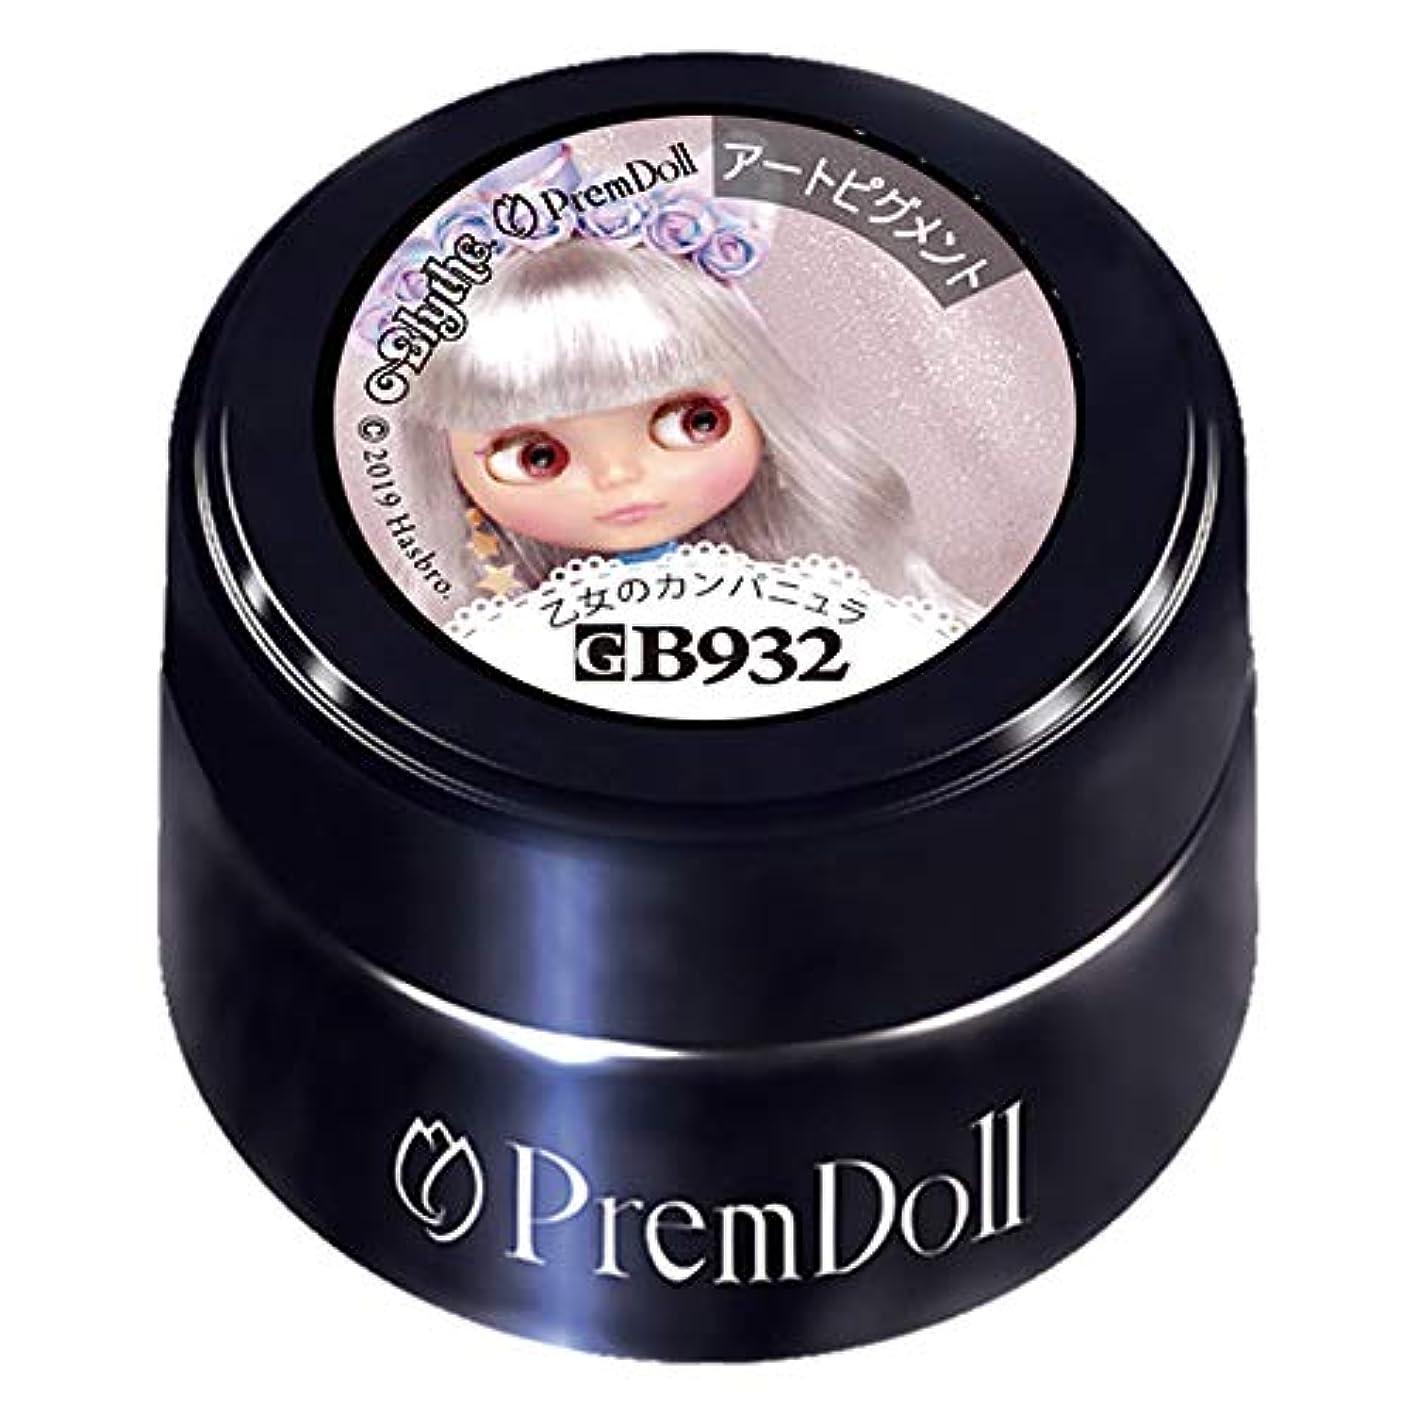 大事にする玉ねぎ小屋PRE GEL プリムドール 乙女のカンパニュラ 3g DOLL-B932 カラージェル UV/LED対応